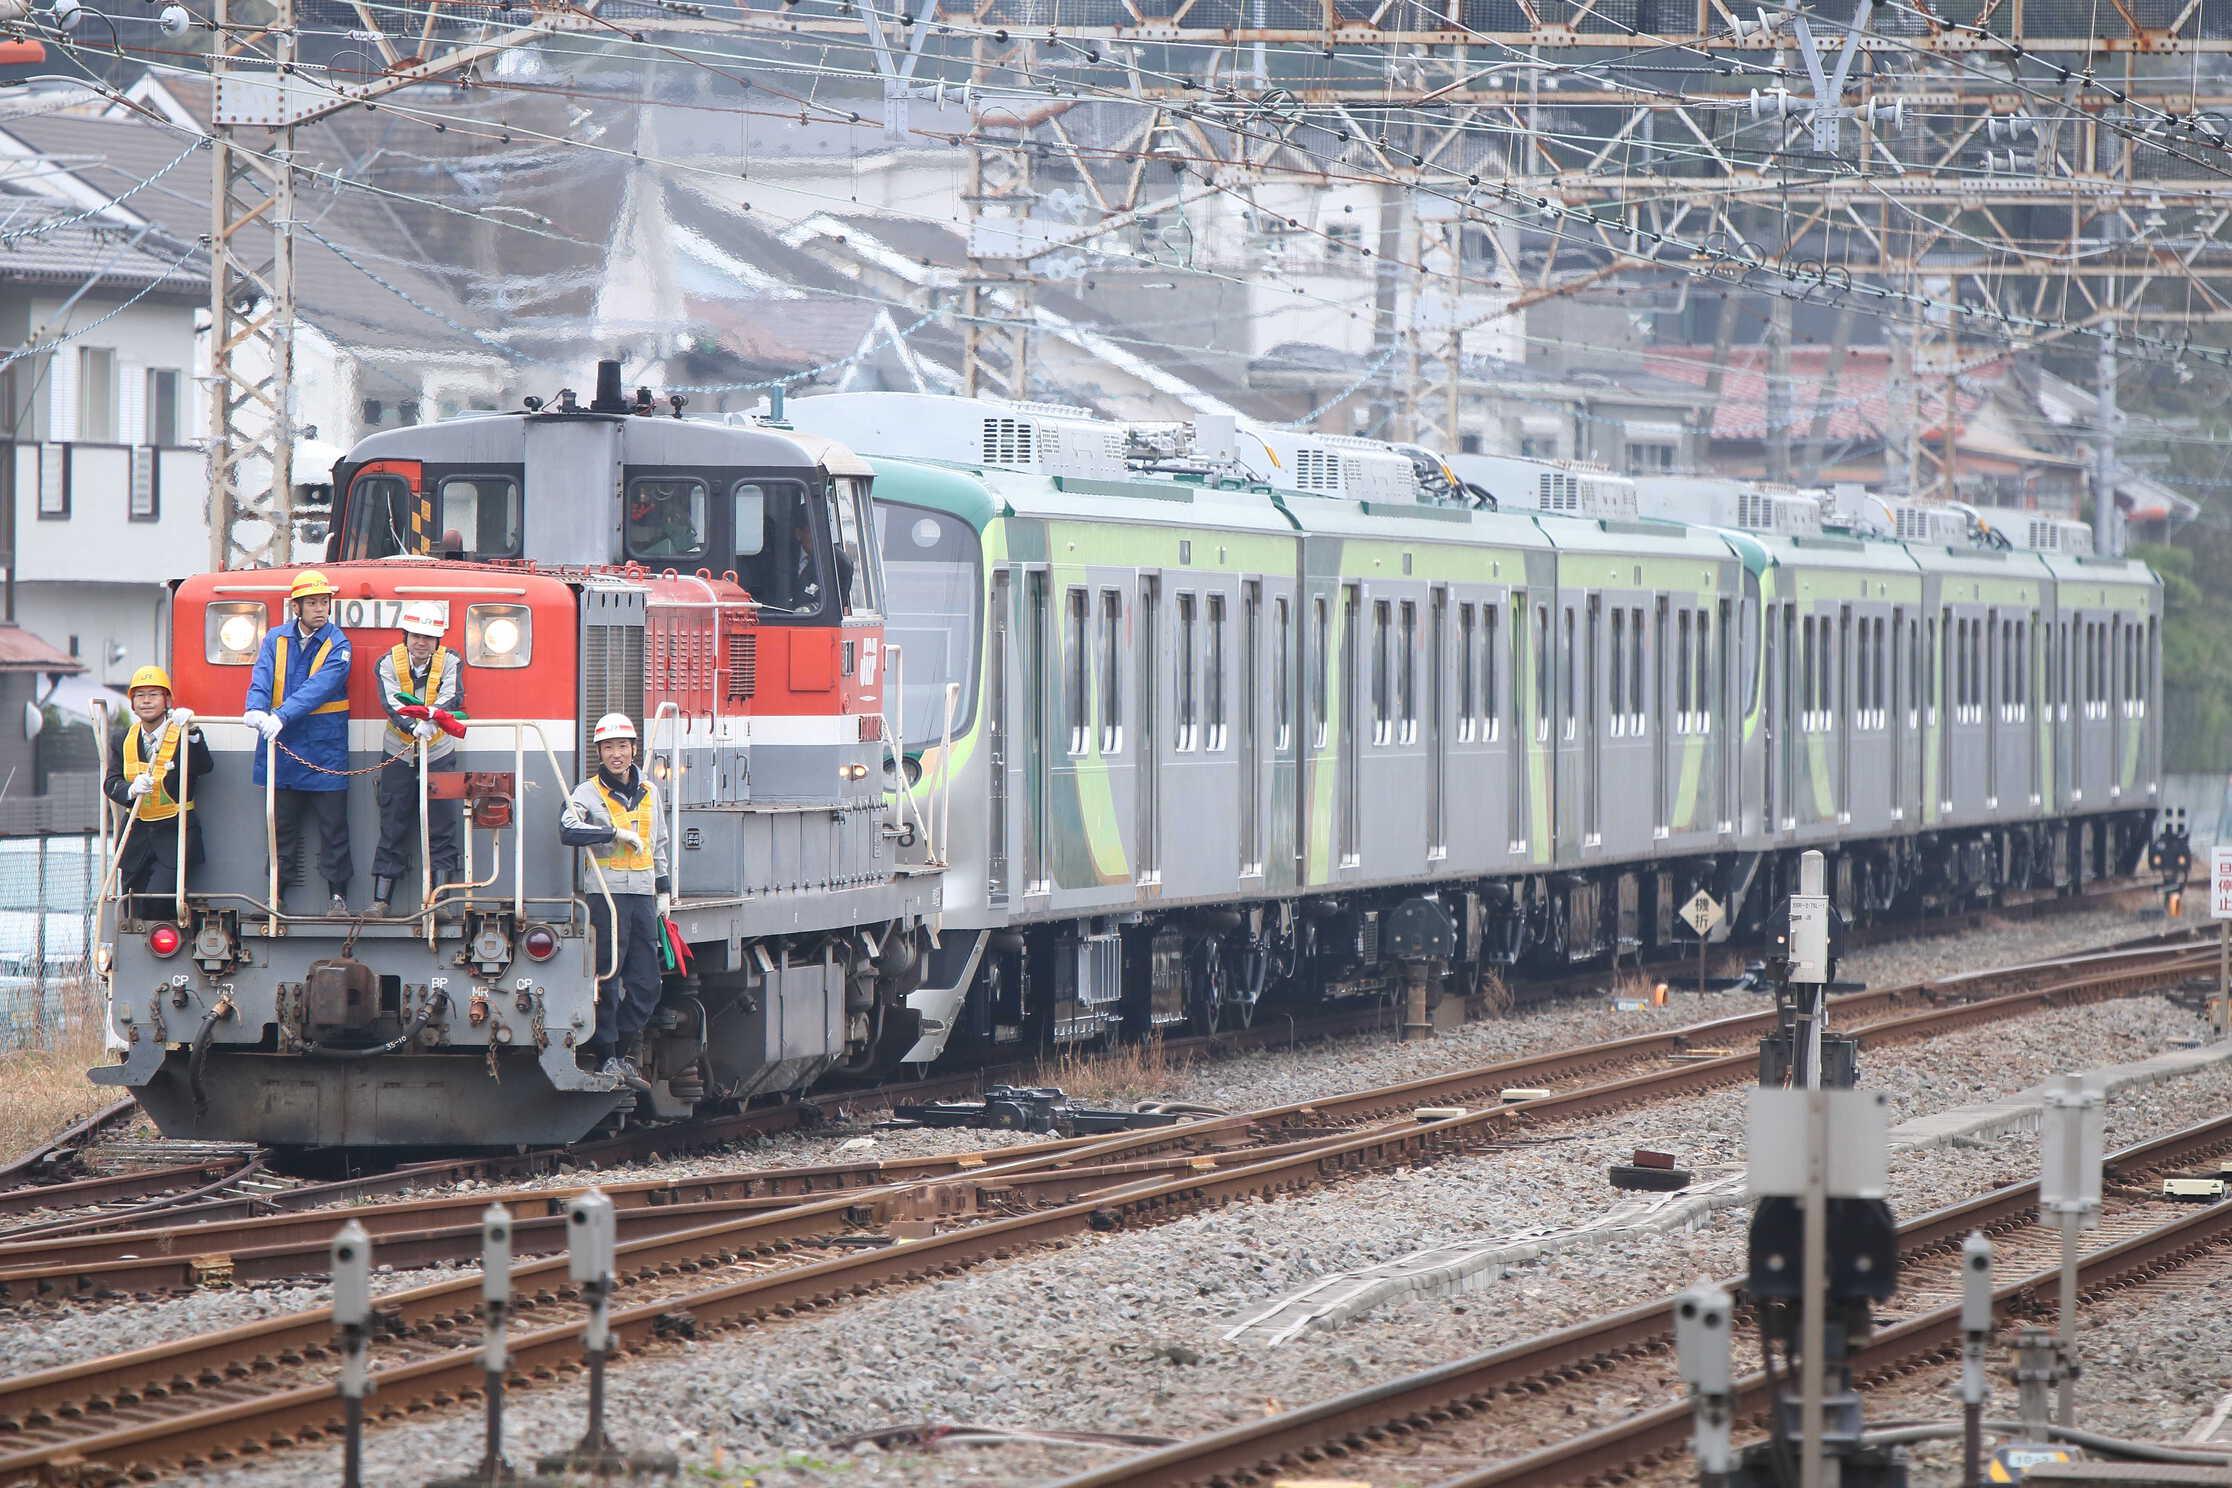 入換〜9670列車 甲161(逗子〜長津田) J-TREC横浜事業所出場甲種輸送 DE10-1749①[新]+東急7000系 7108F+7109F